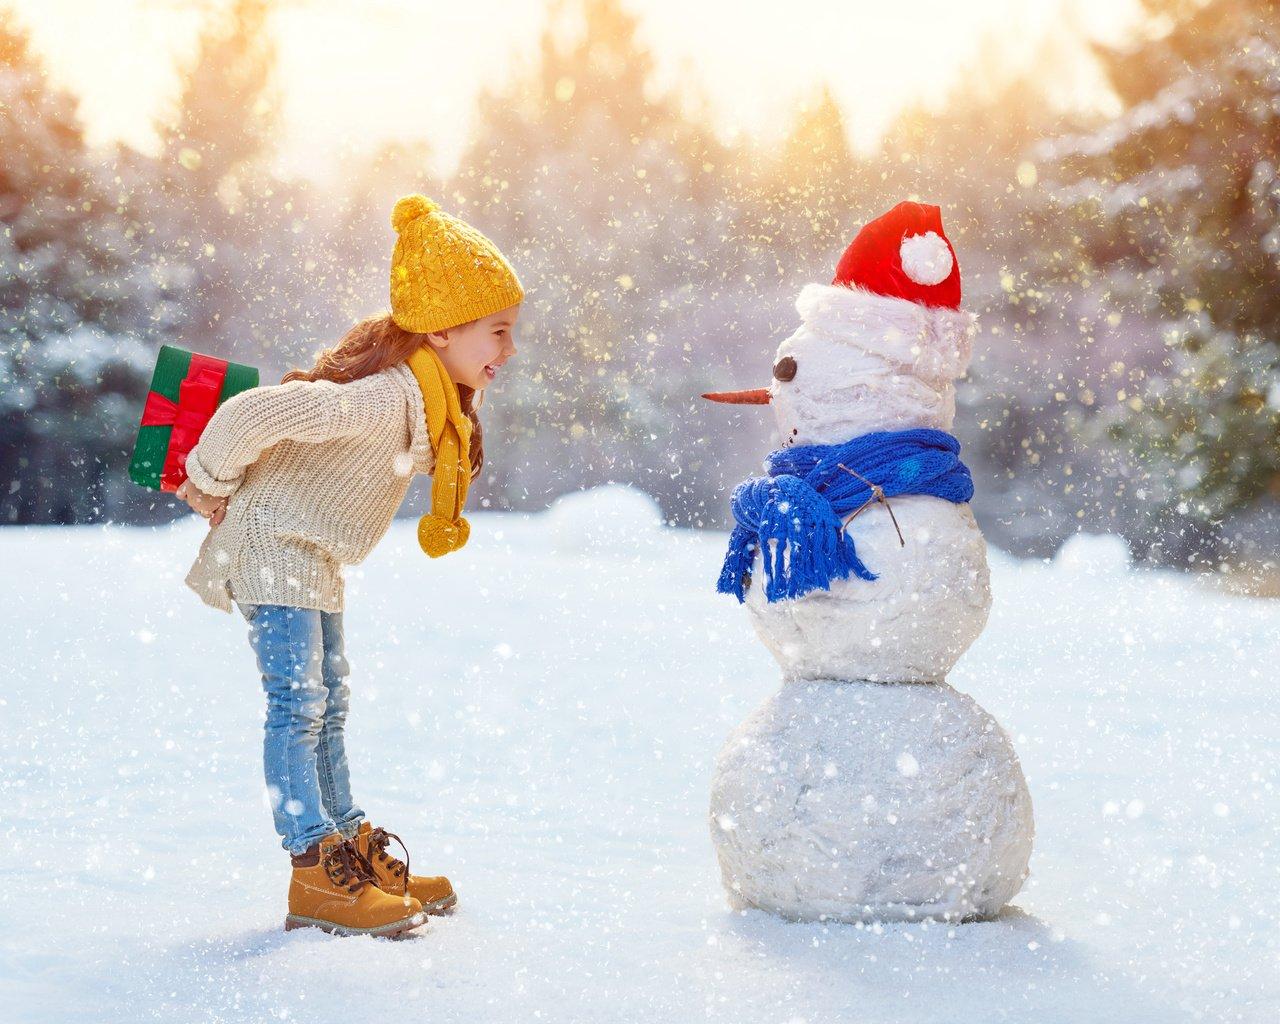 Позитивные картинки про зиму показе сестер